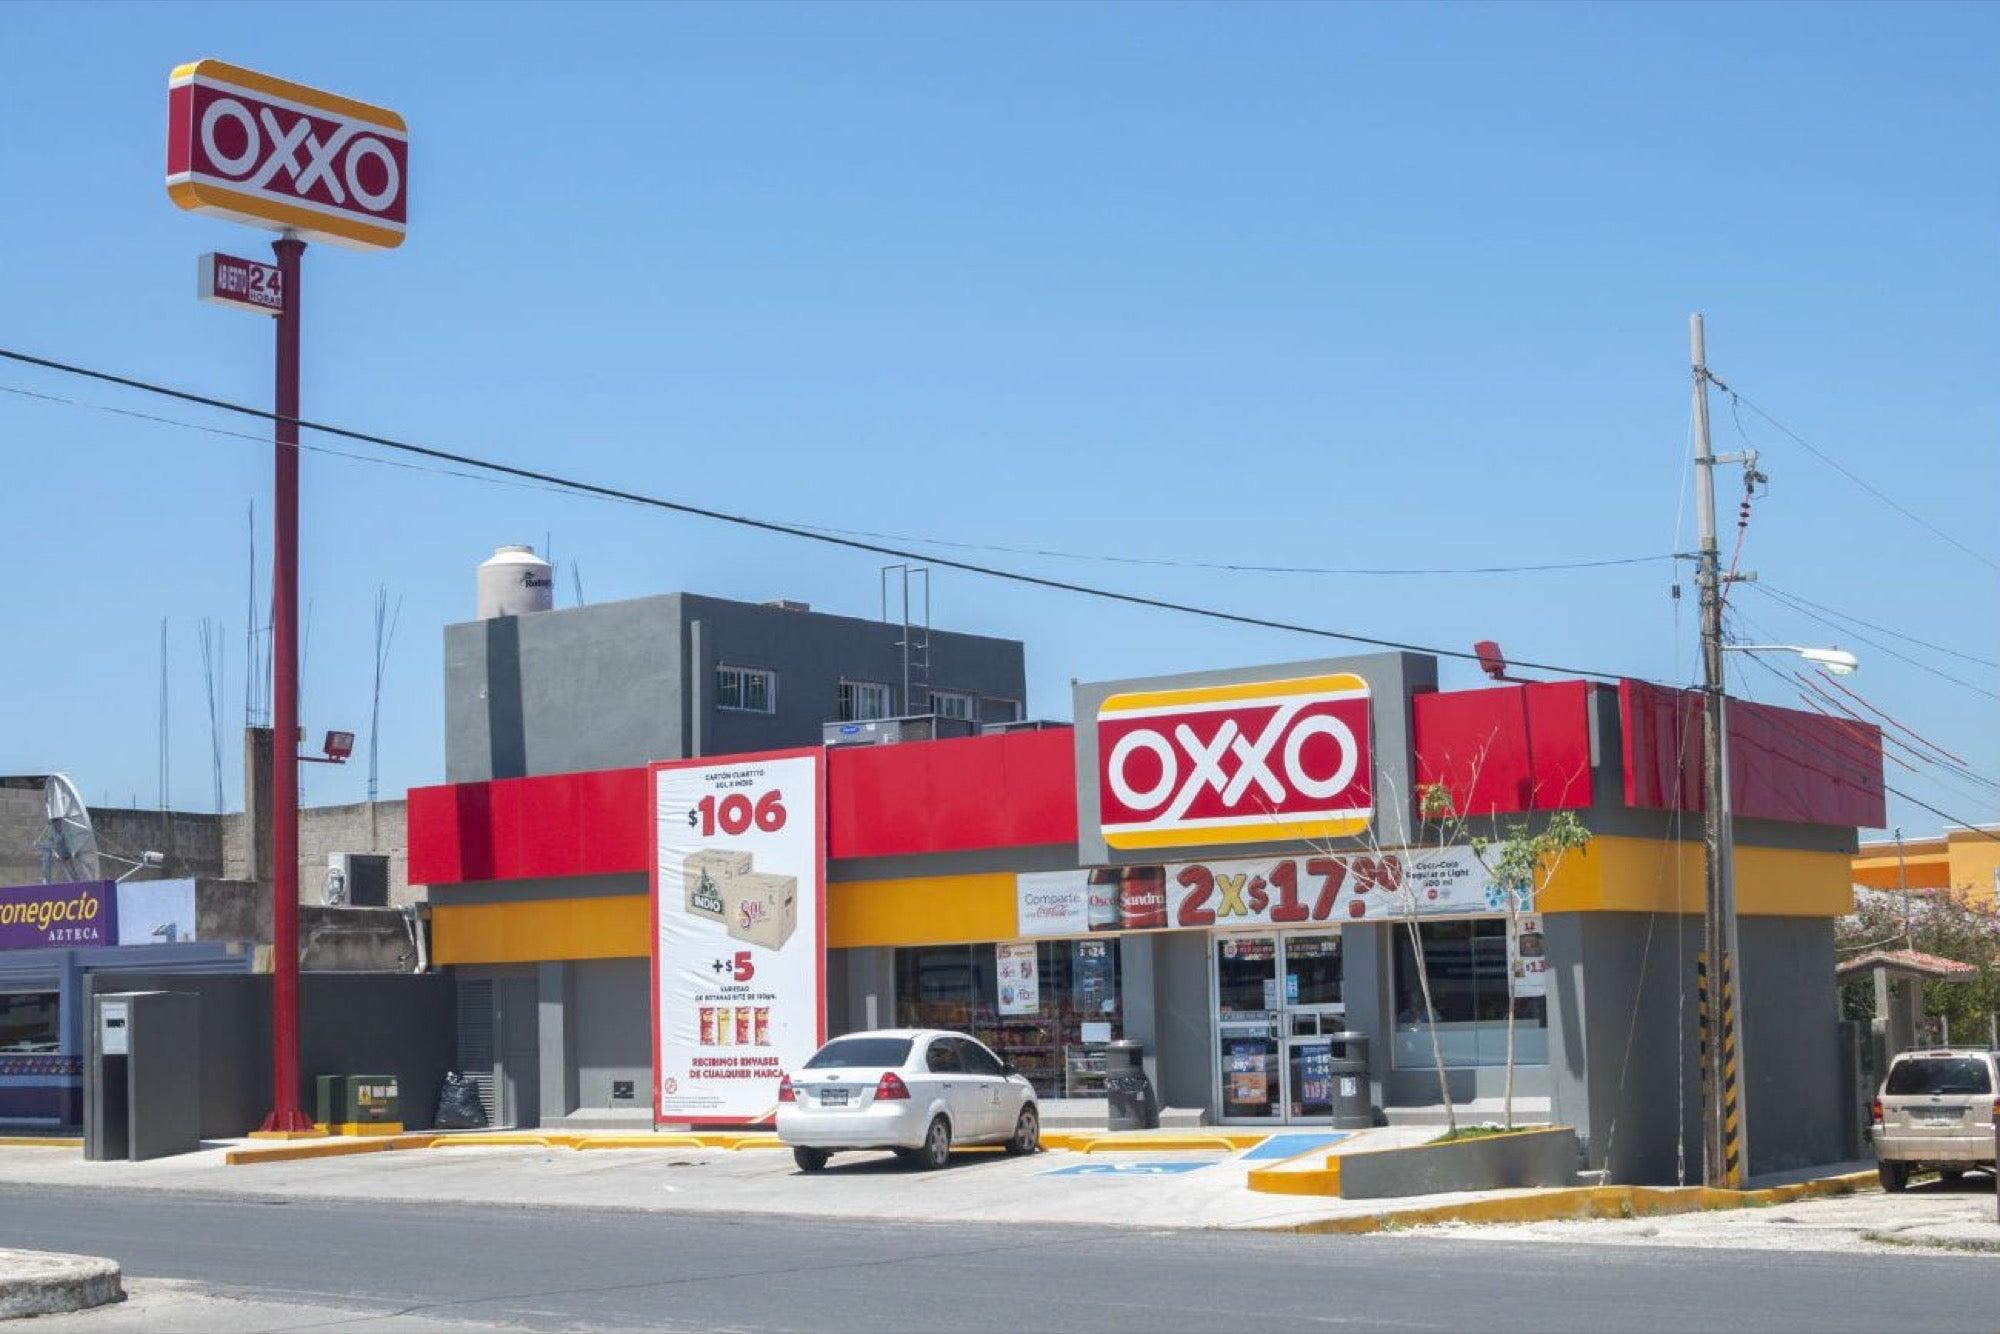 oxxo-ofrece-prestamos-de-hasta-50-mil-pesos-esta-es-la-verdad-160494